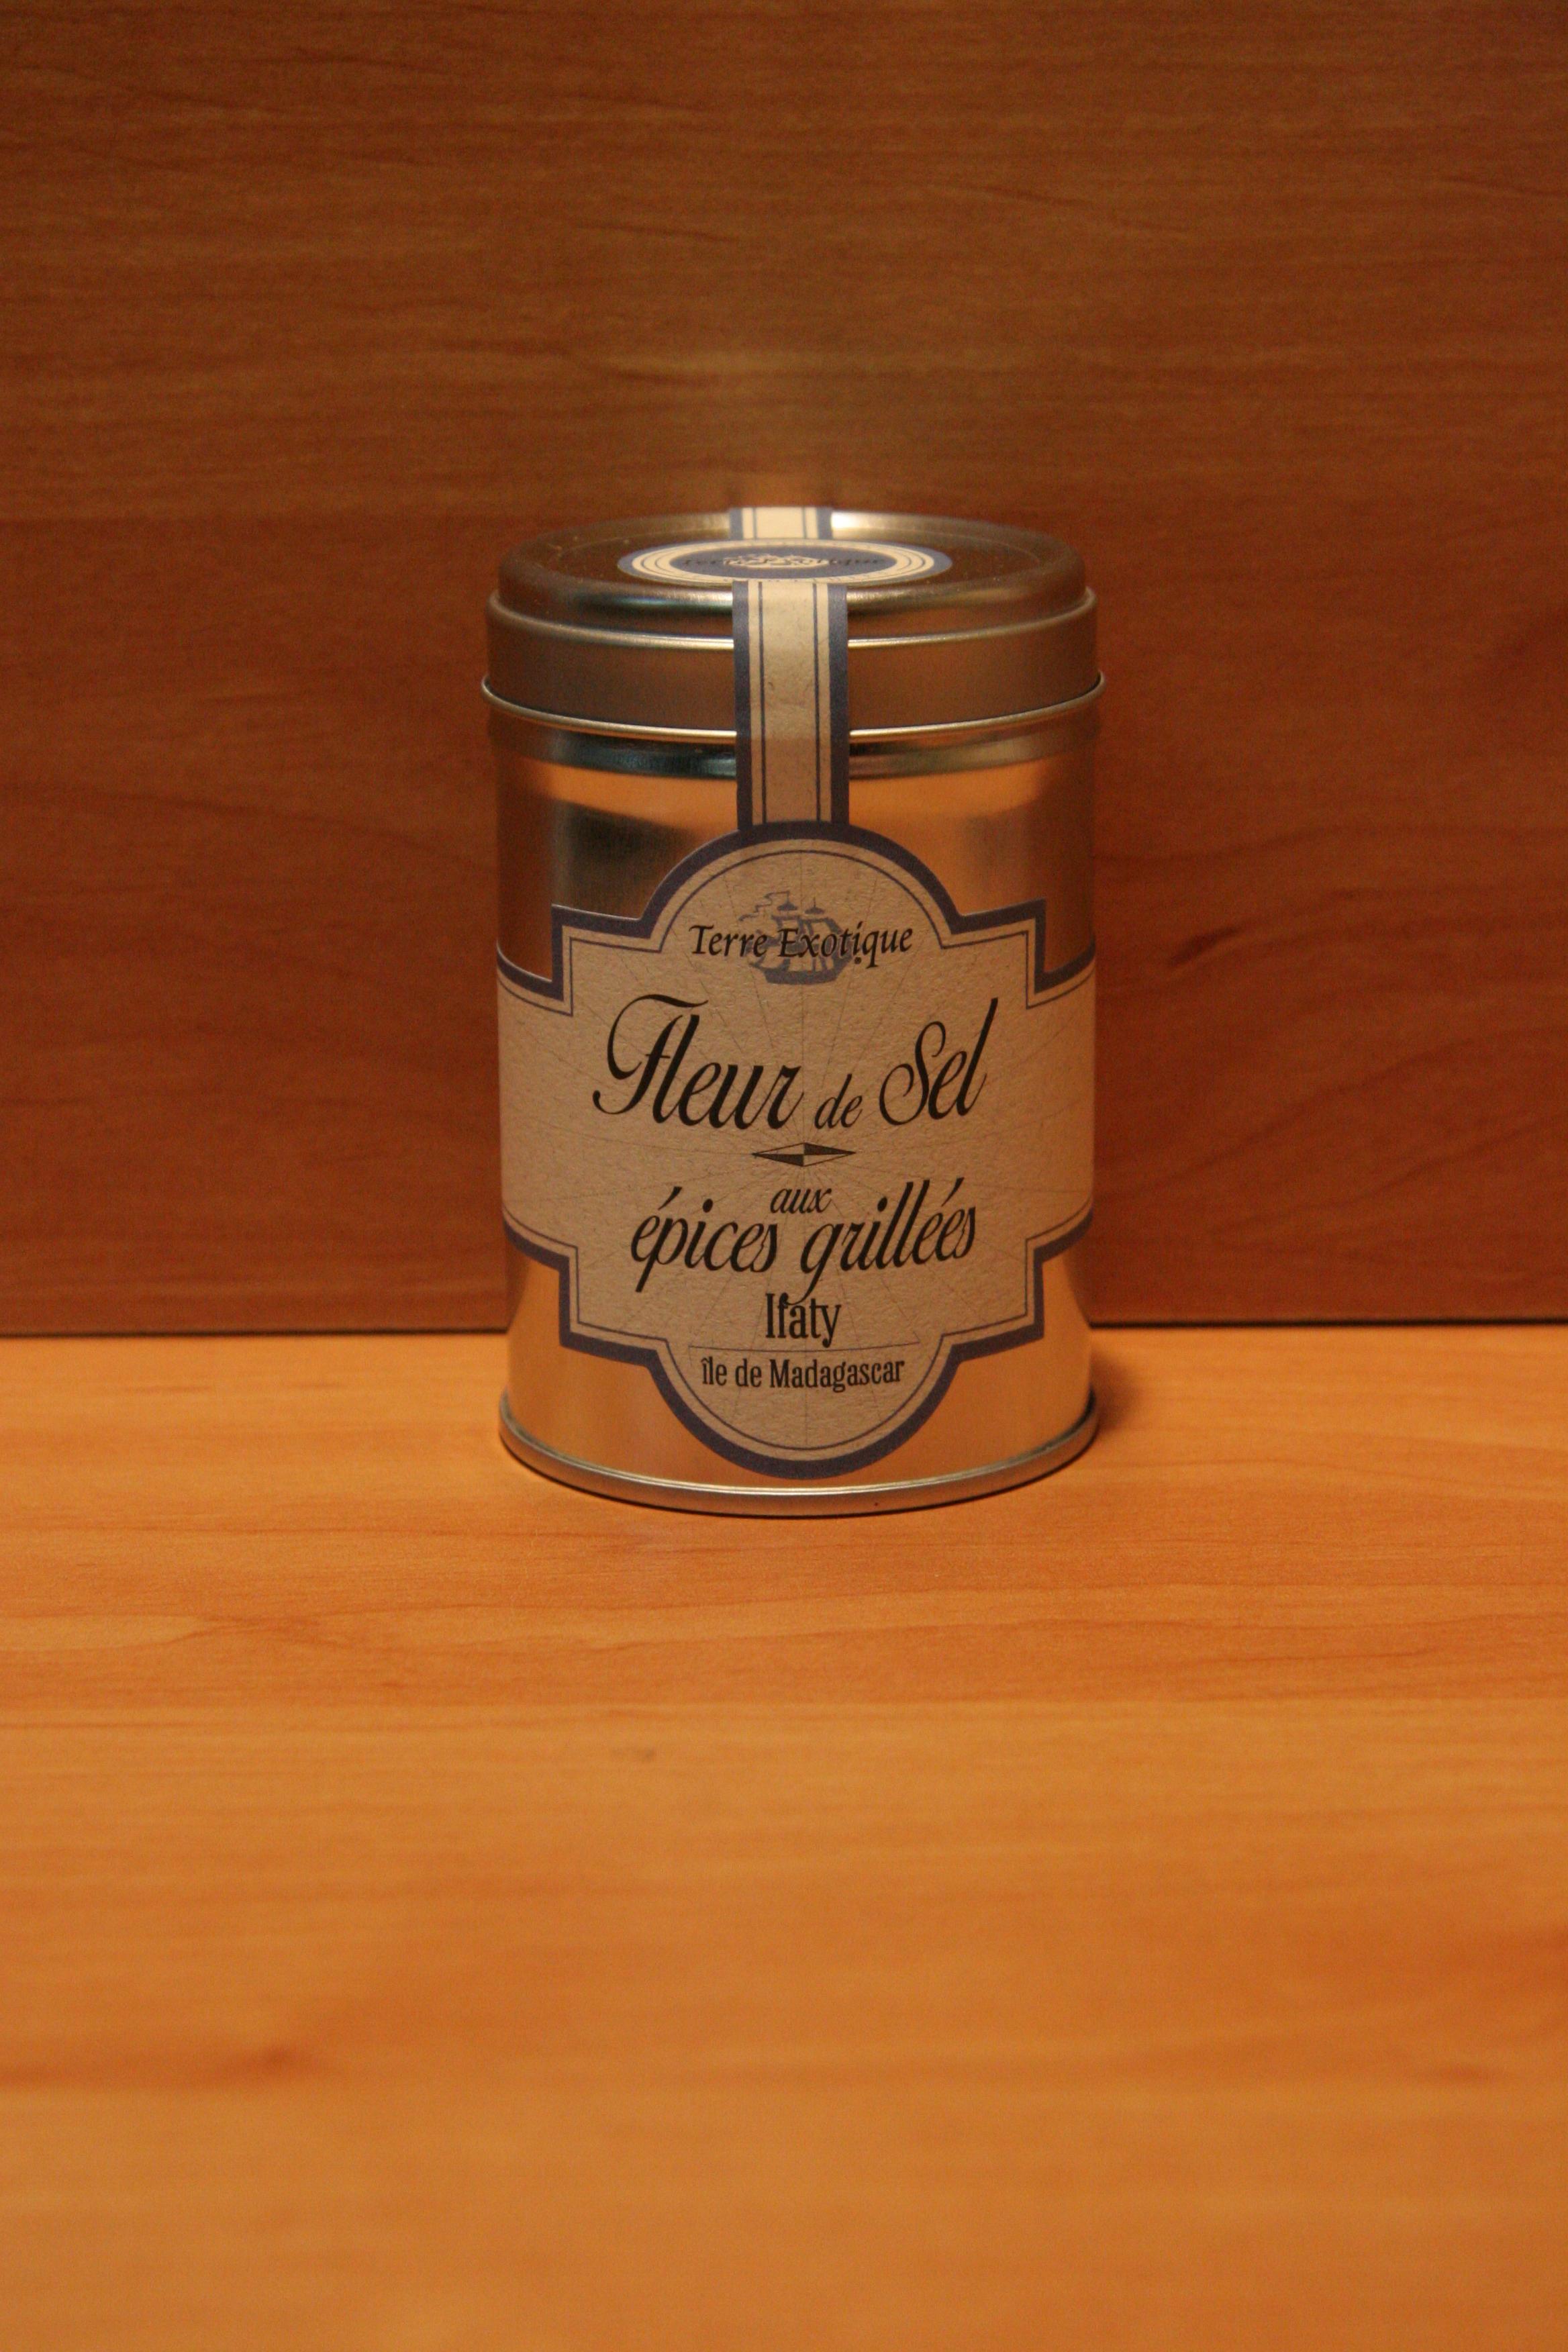 Sels fleur de sel aux pices grill es 90 gr - Fleur de sel aux epices grillees ...